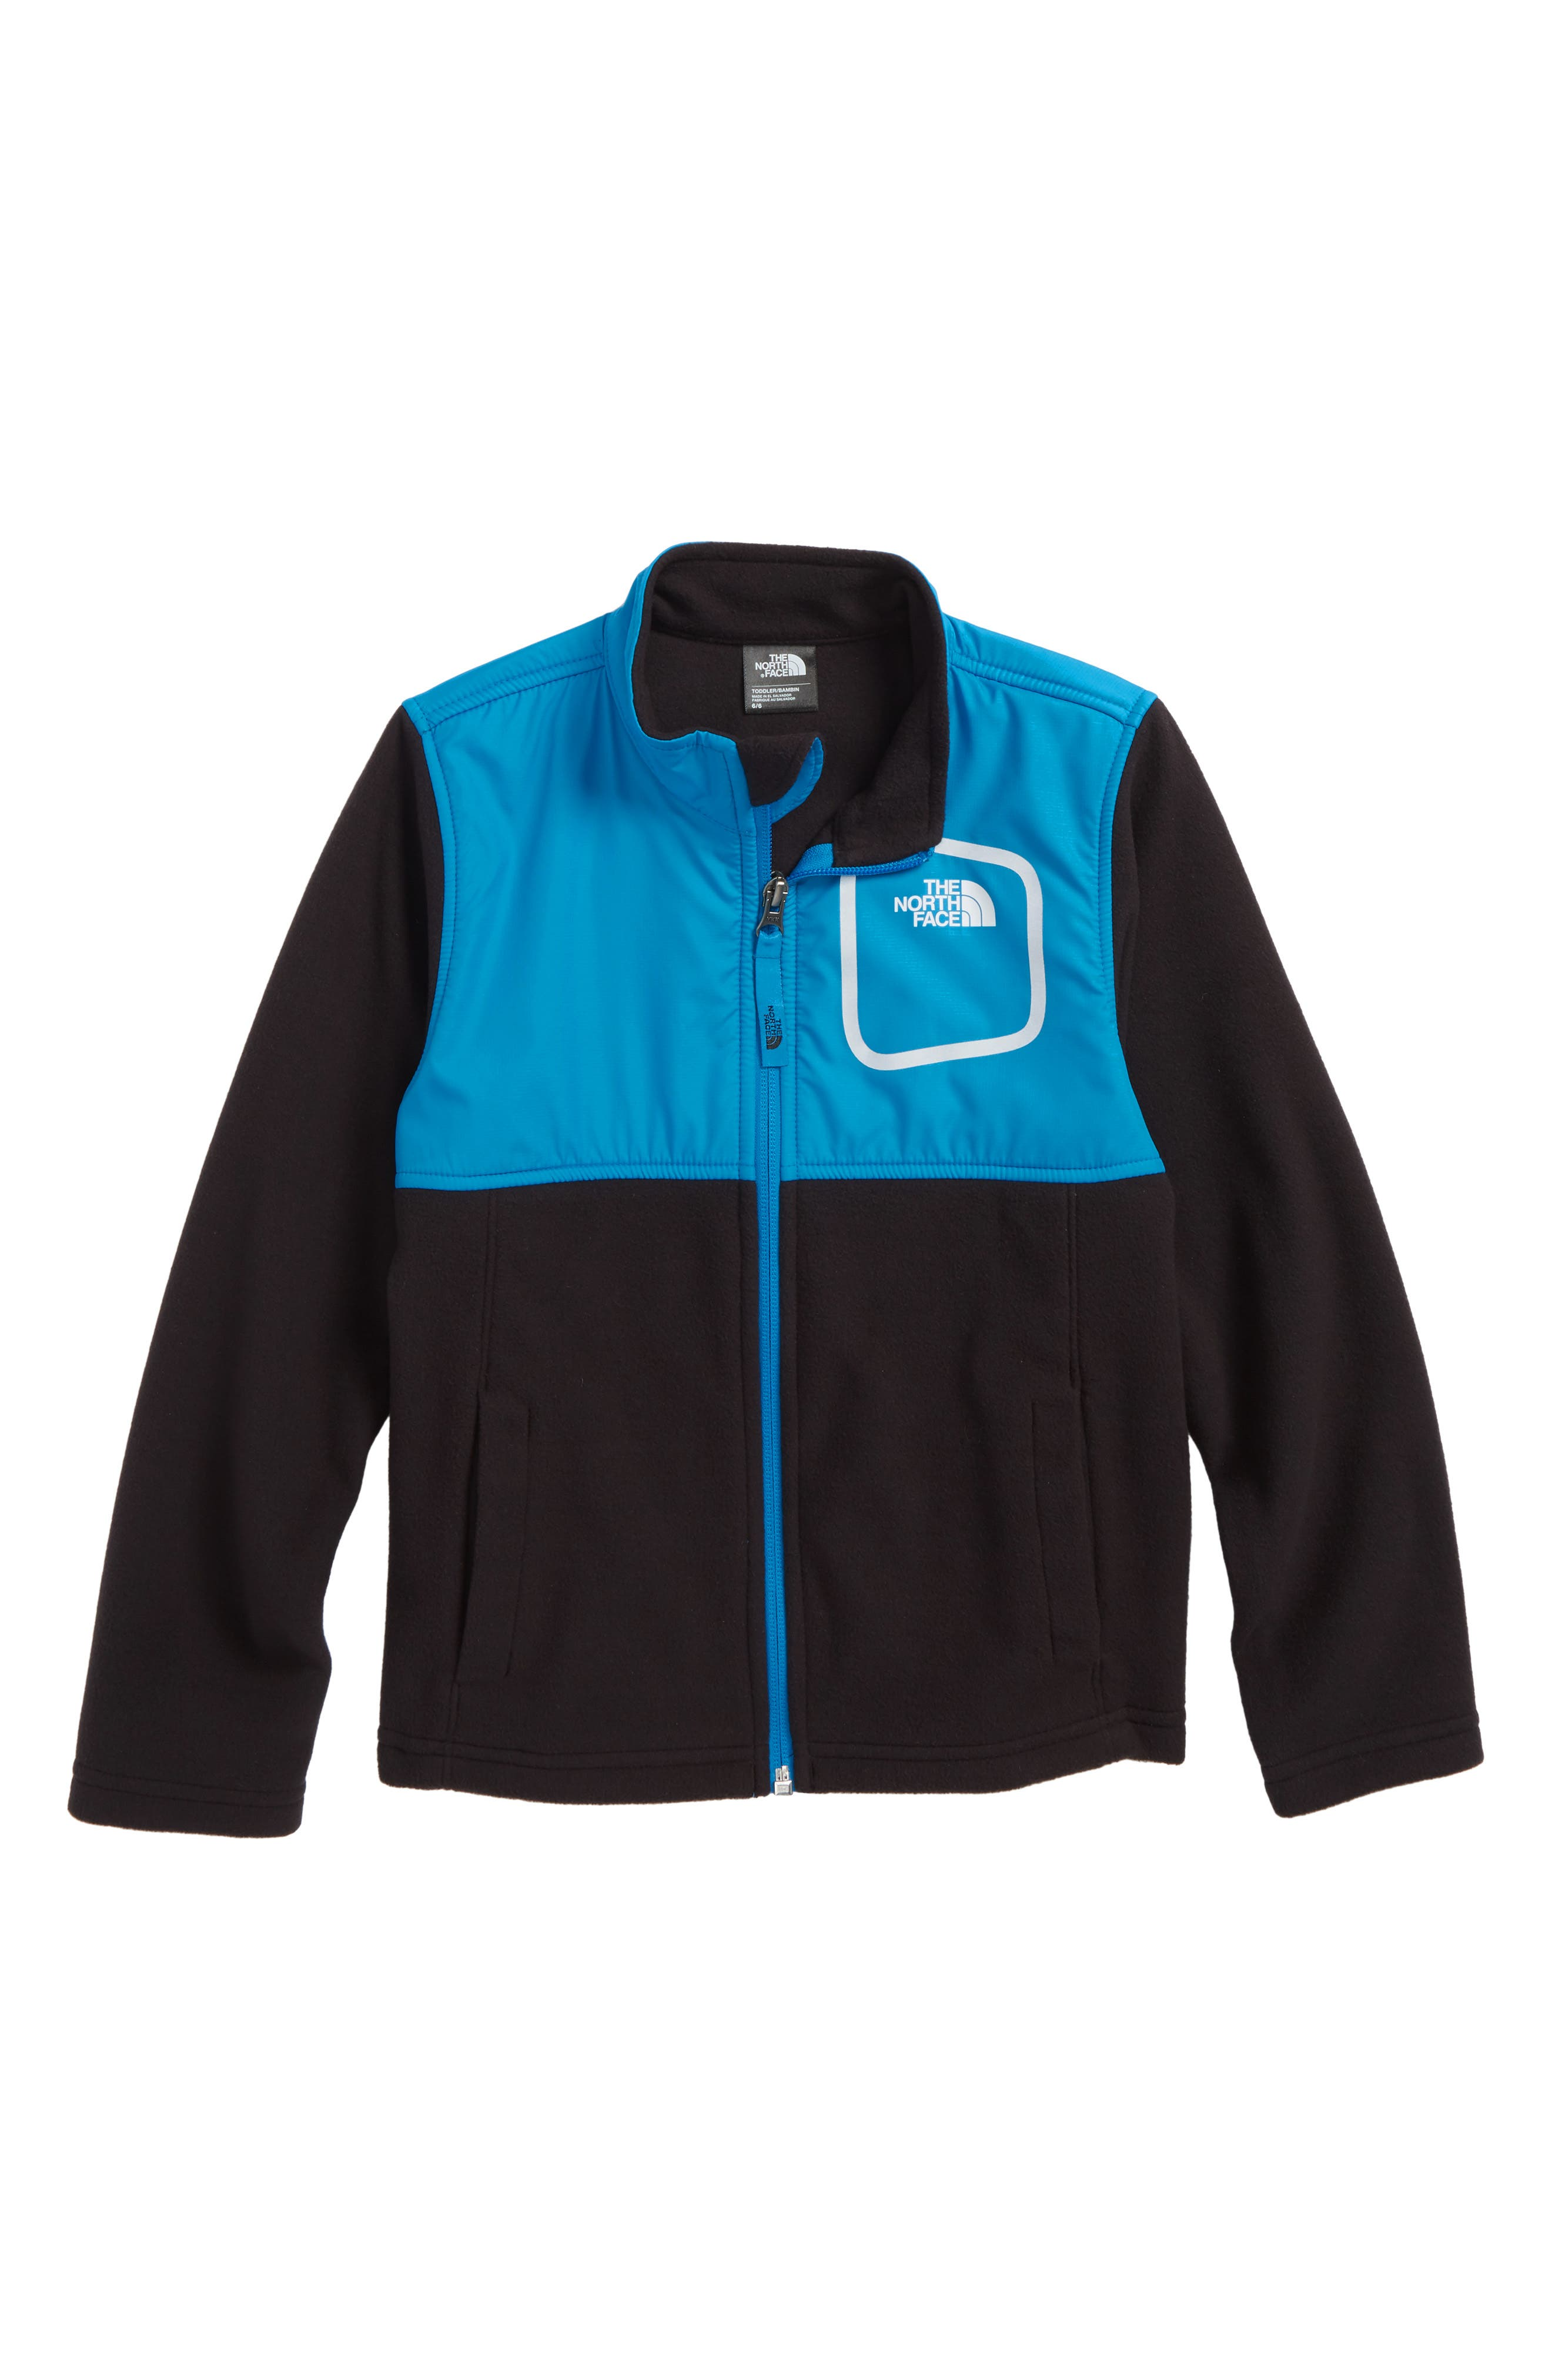 THE NORTH FACE Peril Glacier Microfleece Track Jacket, Main, color, 420